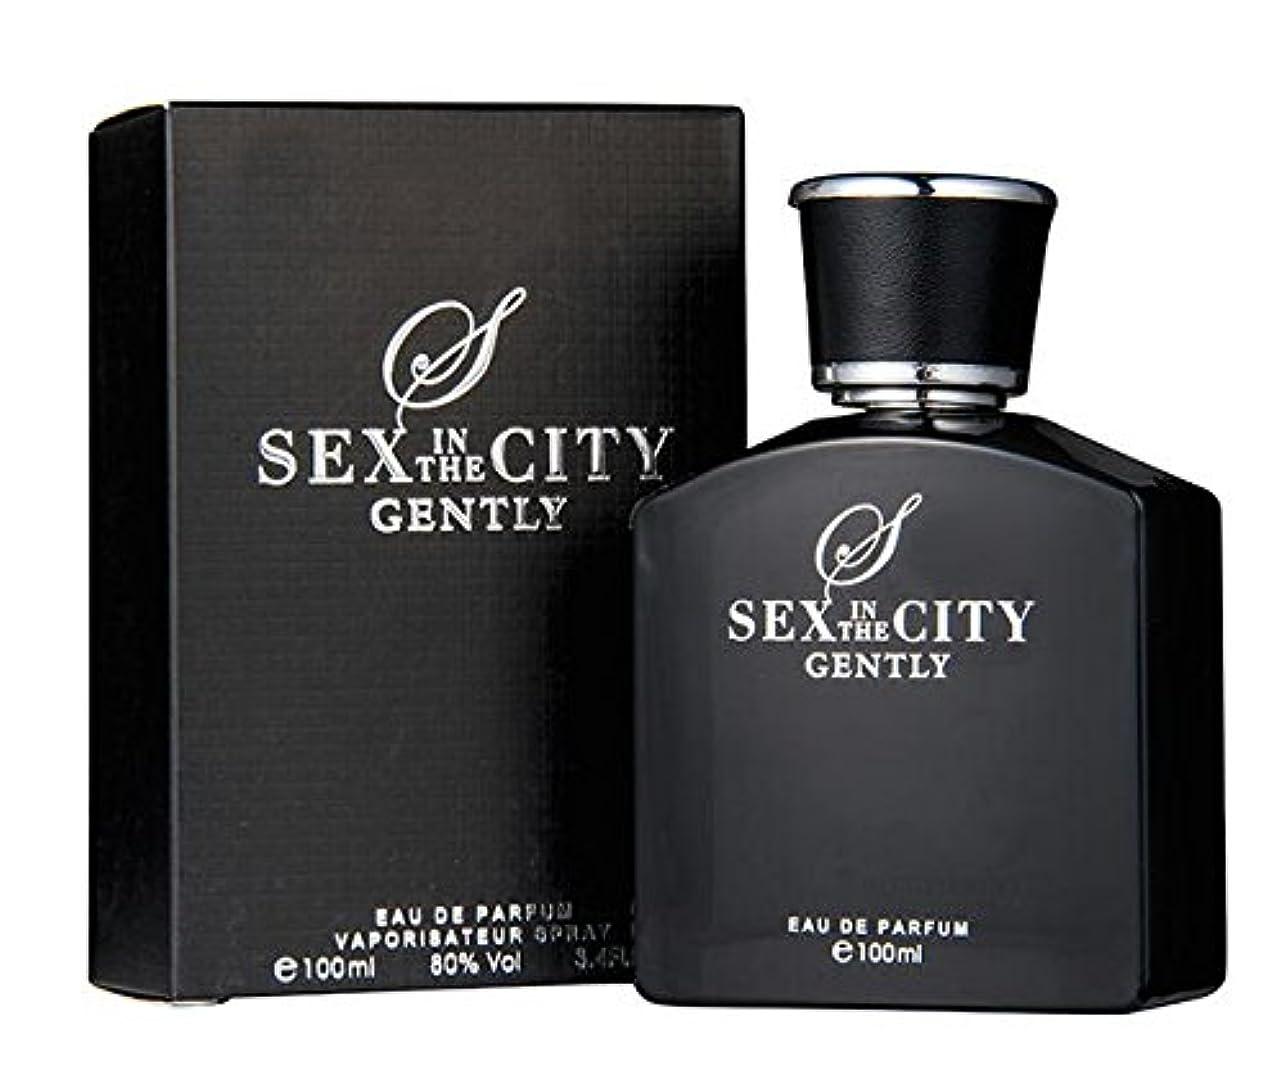 バンギャングたくさん◆【SEX IN THE CITY】メンズ香水◆セックスインザシティ ジェントリー オードパルファムEDP 100ml◆